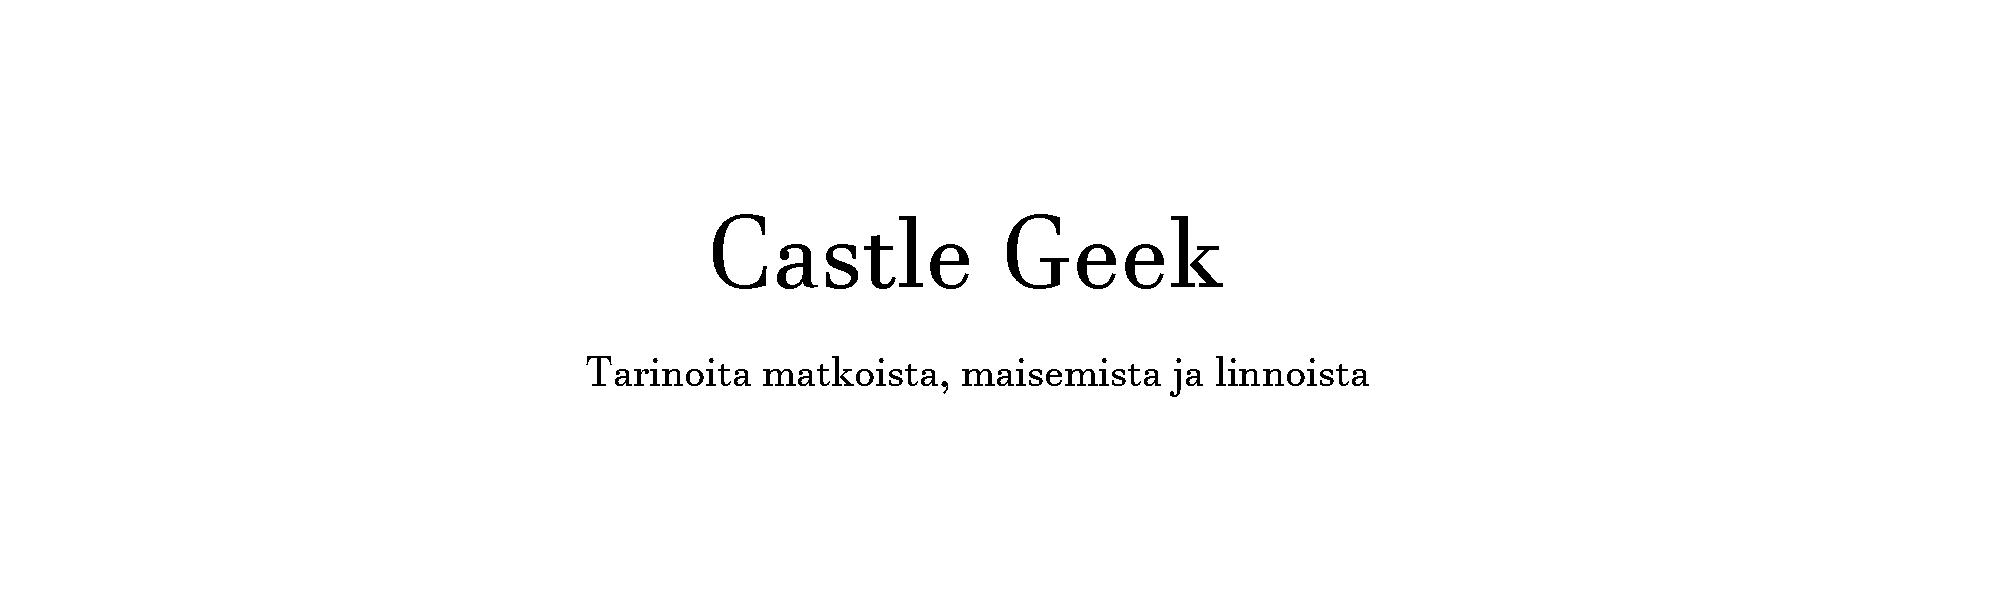 Castle Geek